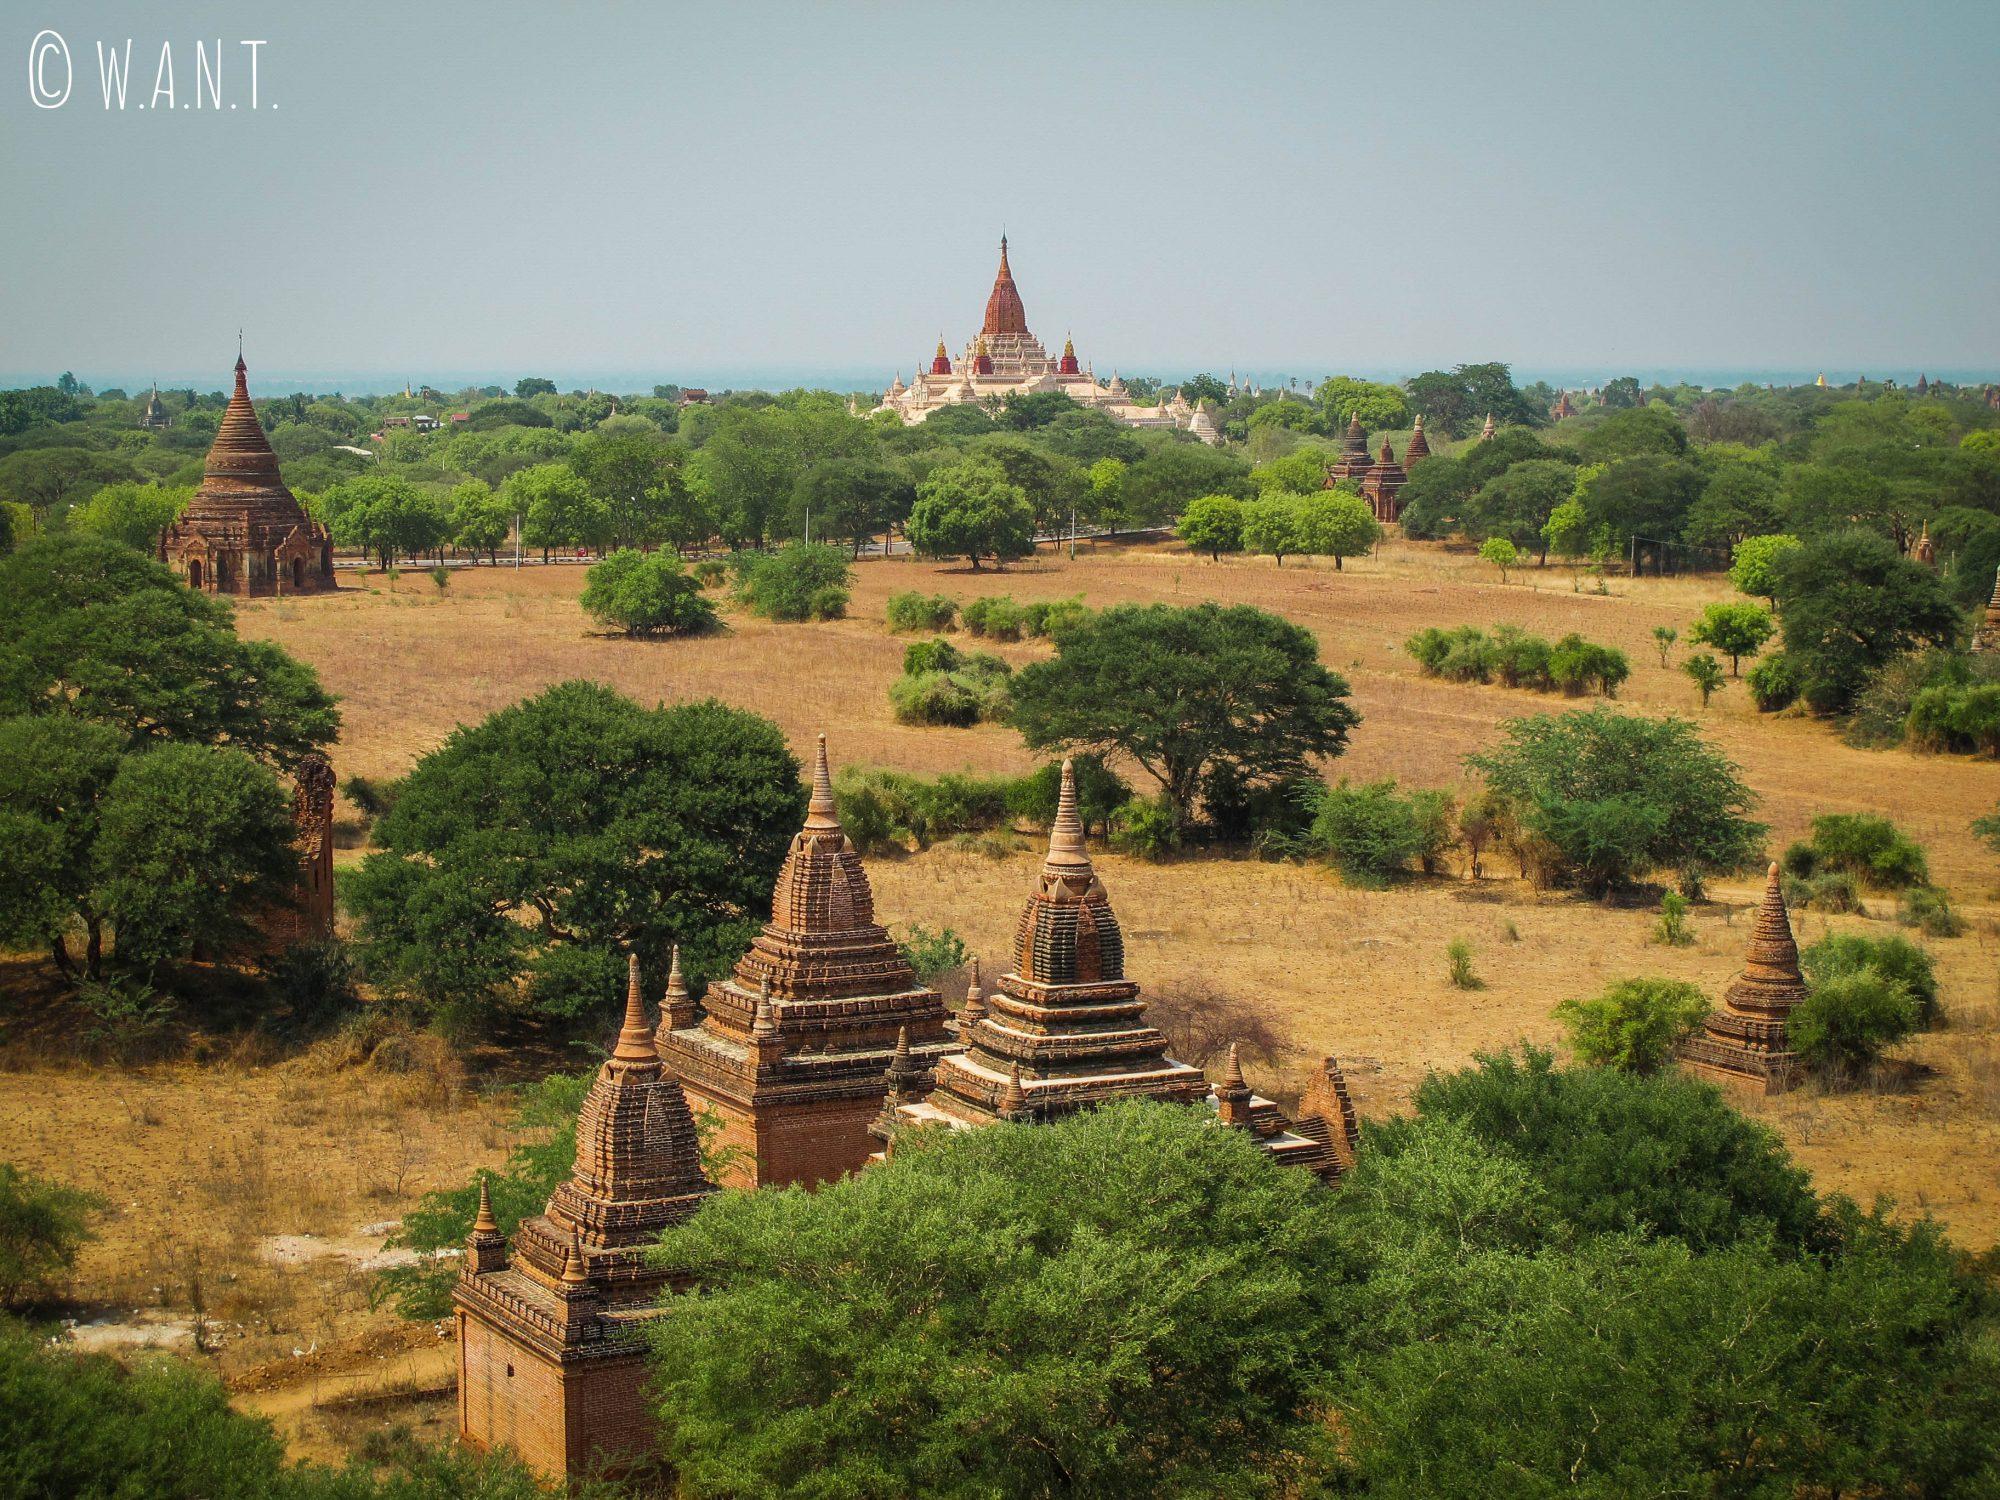 Vue sur le temple Ananda depuis le sommet de Pya Tha Da